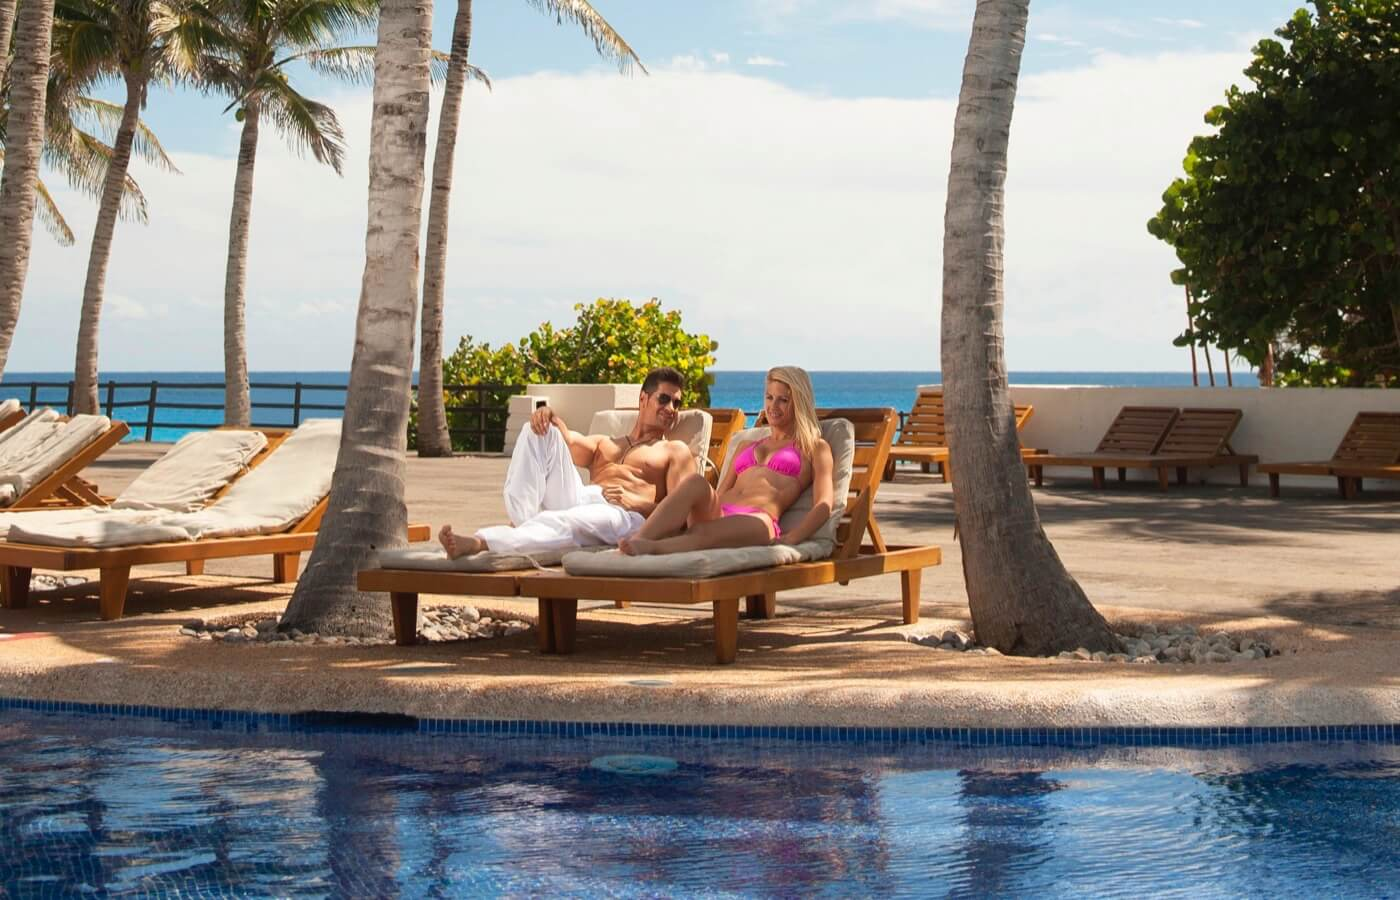 Albercas junto a un restaurante con palmeras en el Hotel Grand Oasis Cancun